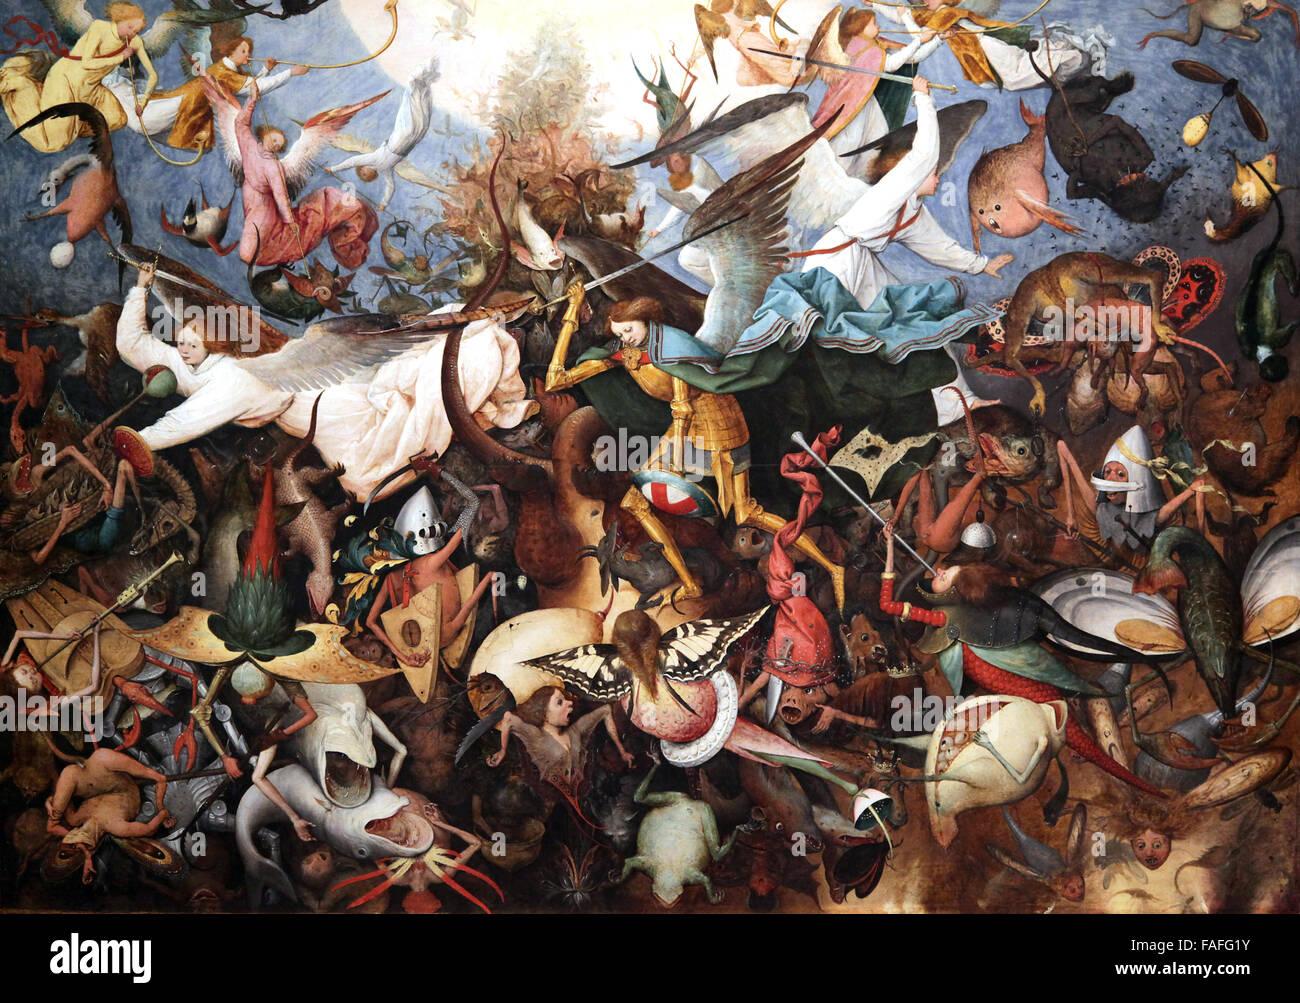 La caída de los ángeles rebeldes 1562 por Pieter Brueghel el Viejo Imagen De Stock